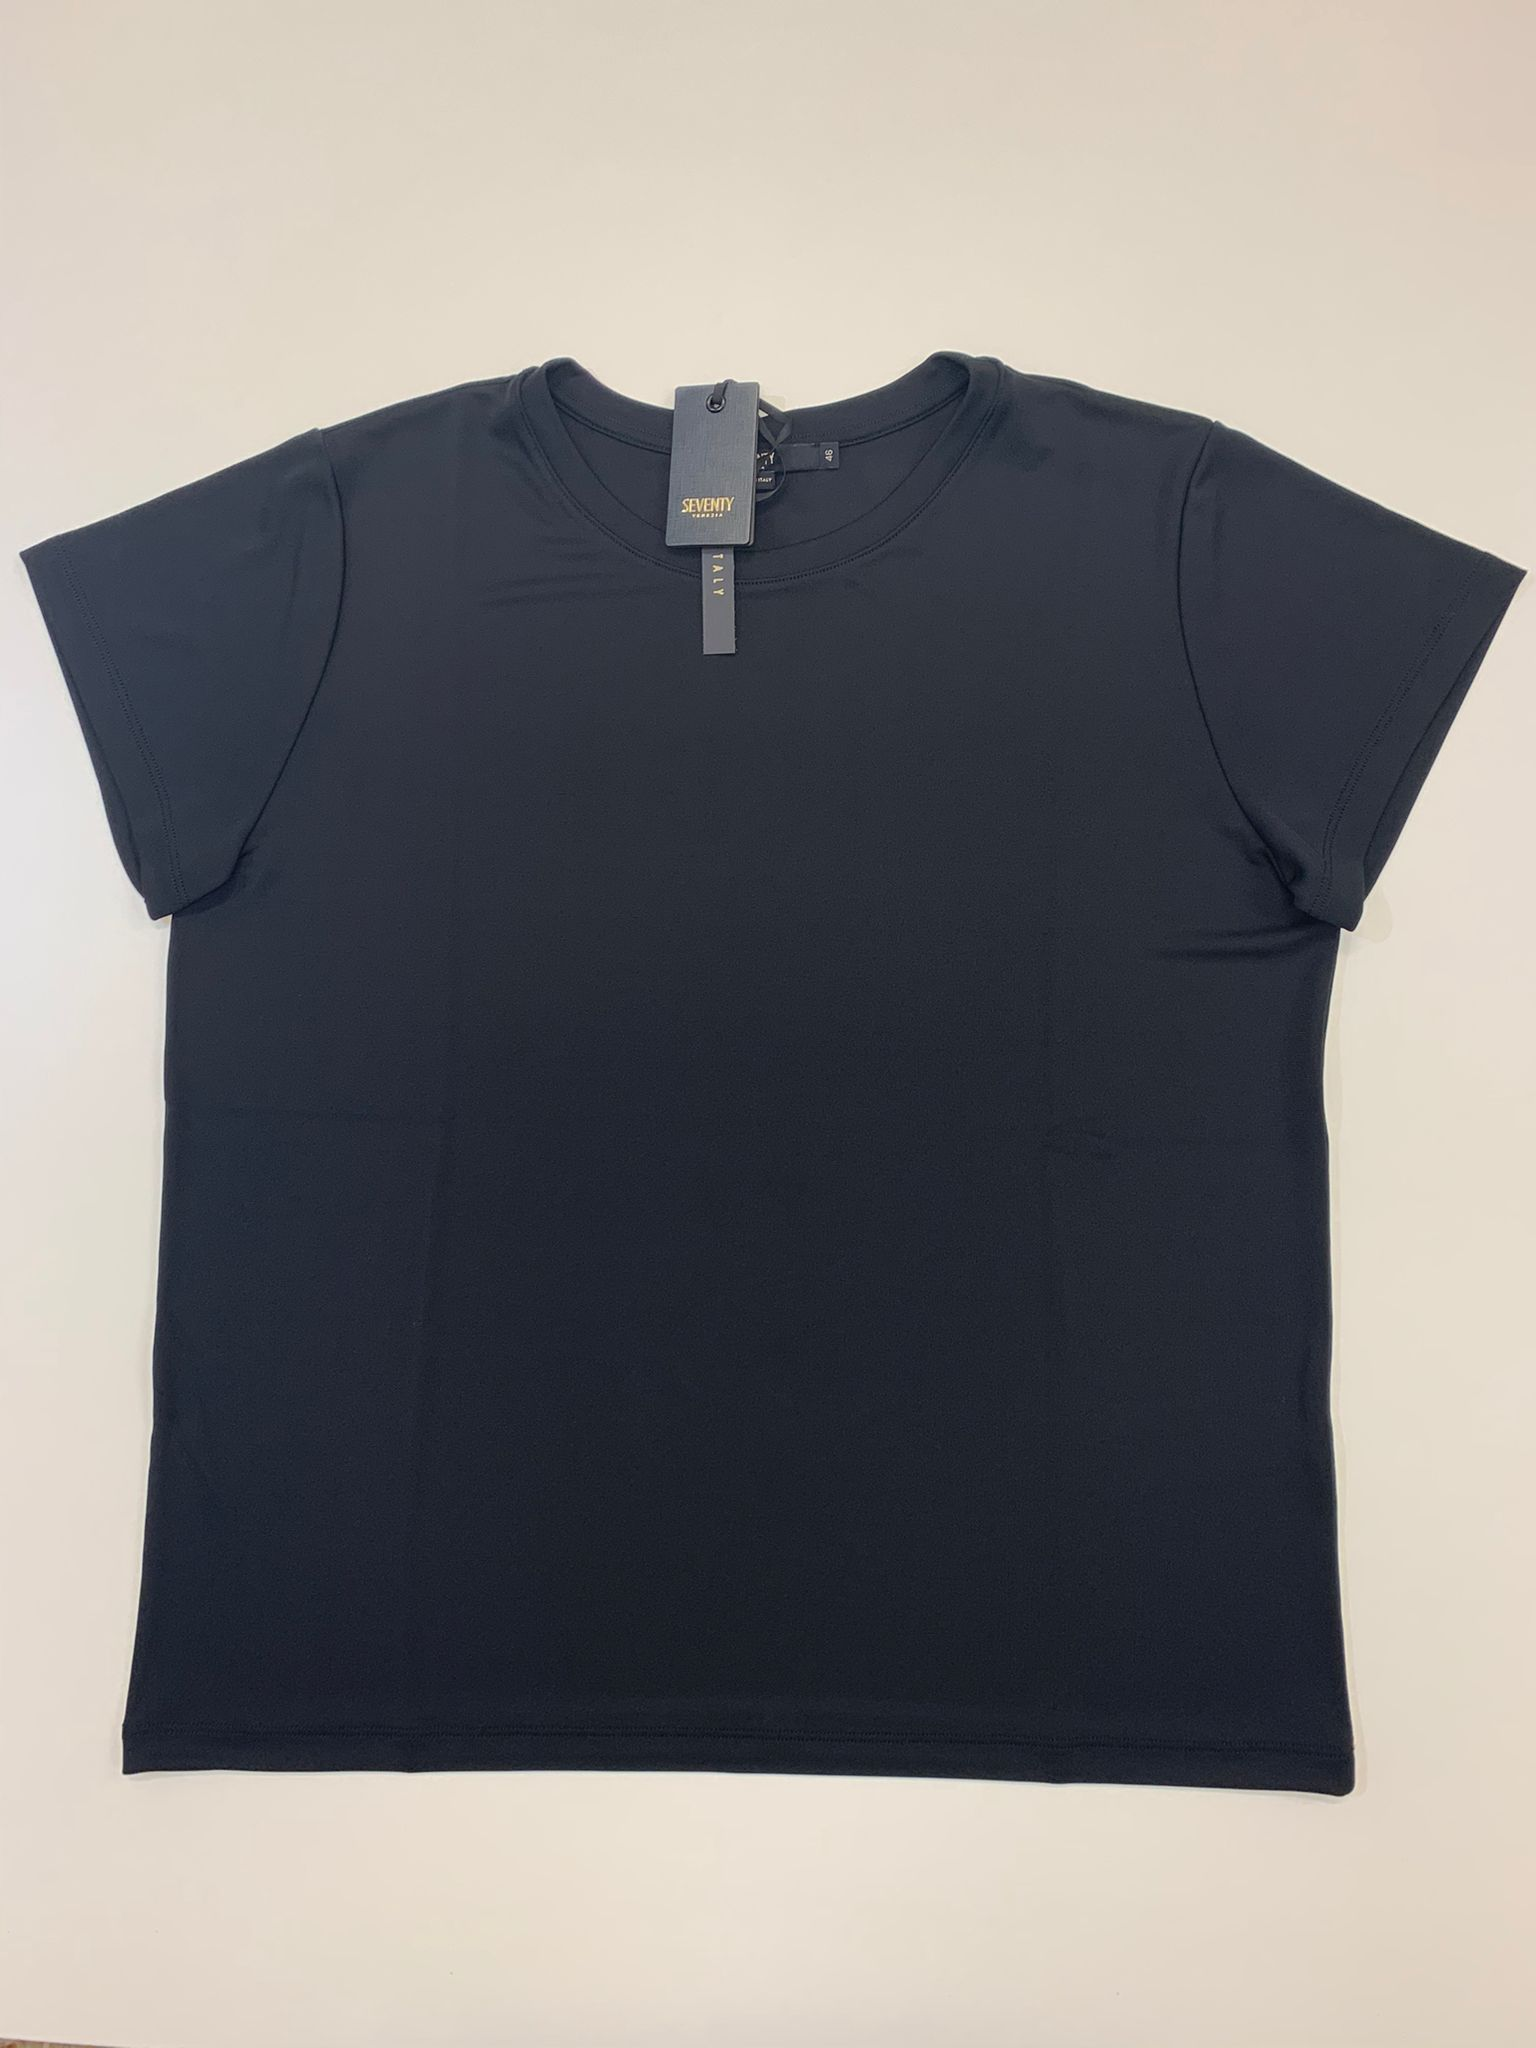 T-Shirt Seventy in Jersey e Crepe Nero